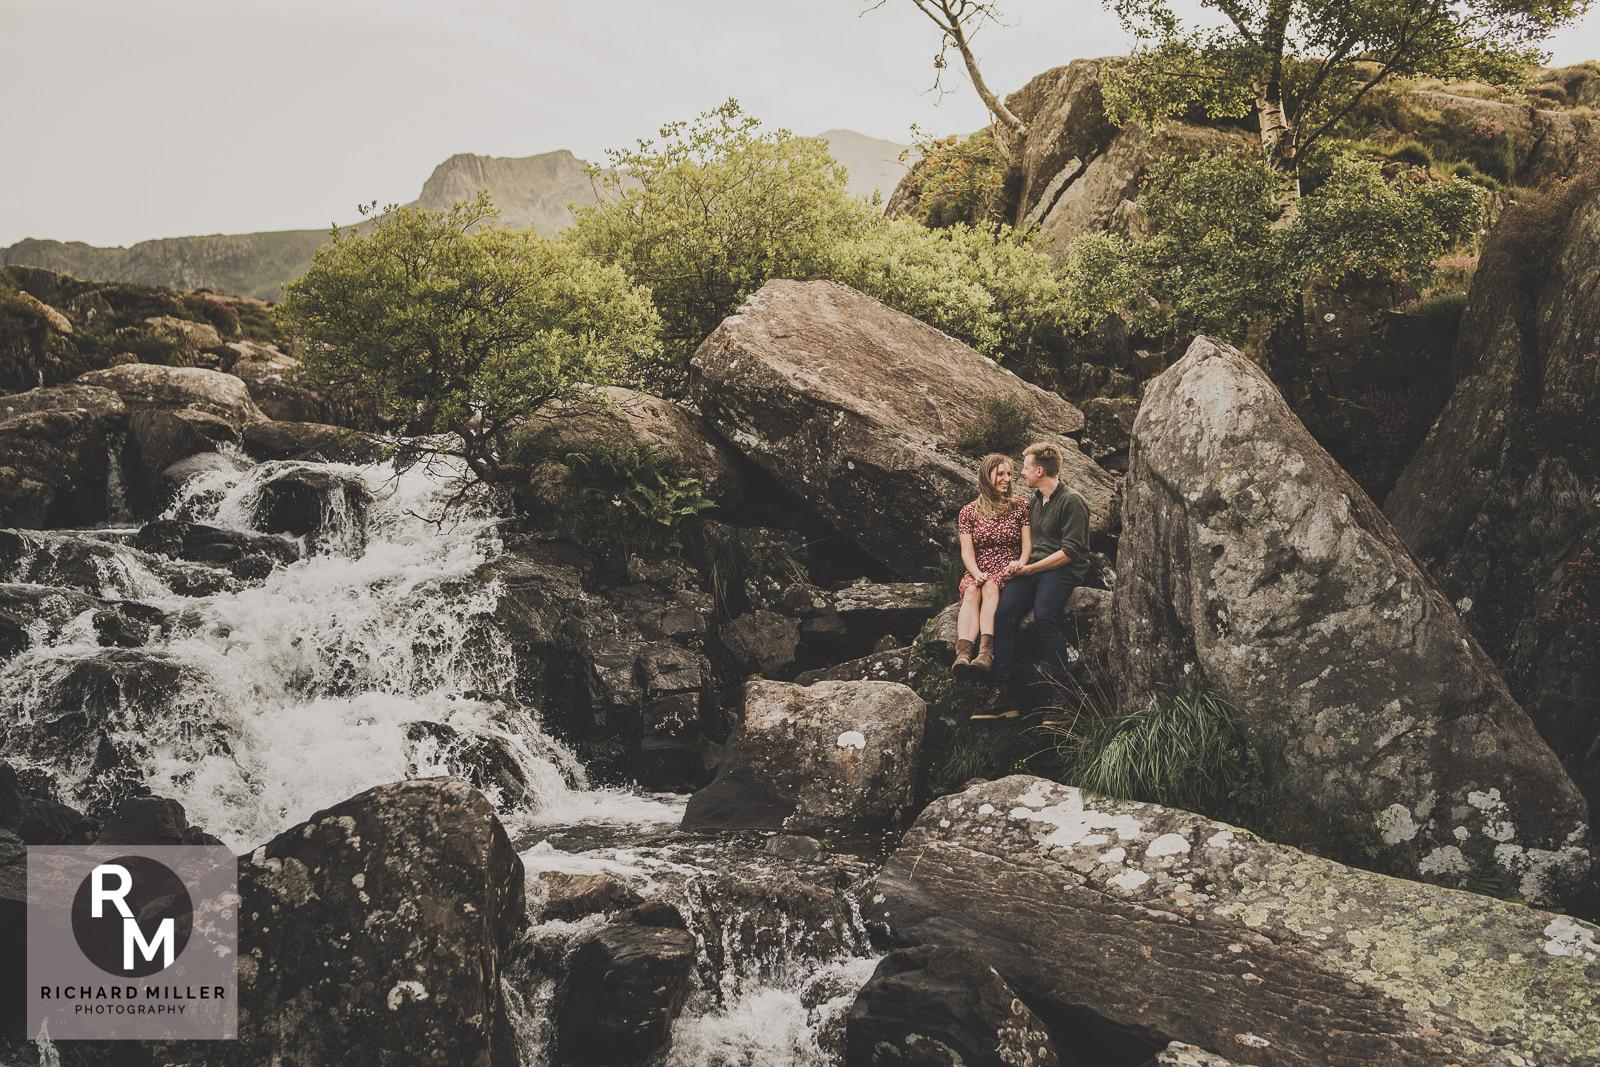 Engagement 13 - Adventure Shoots